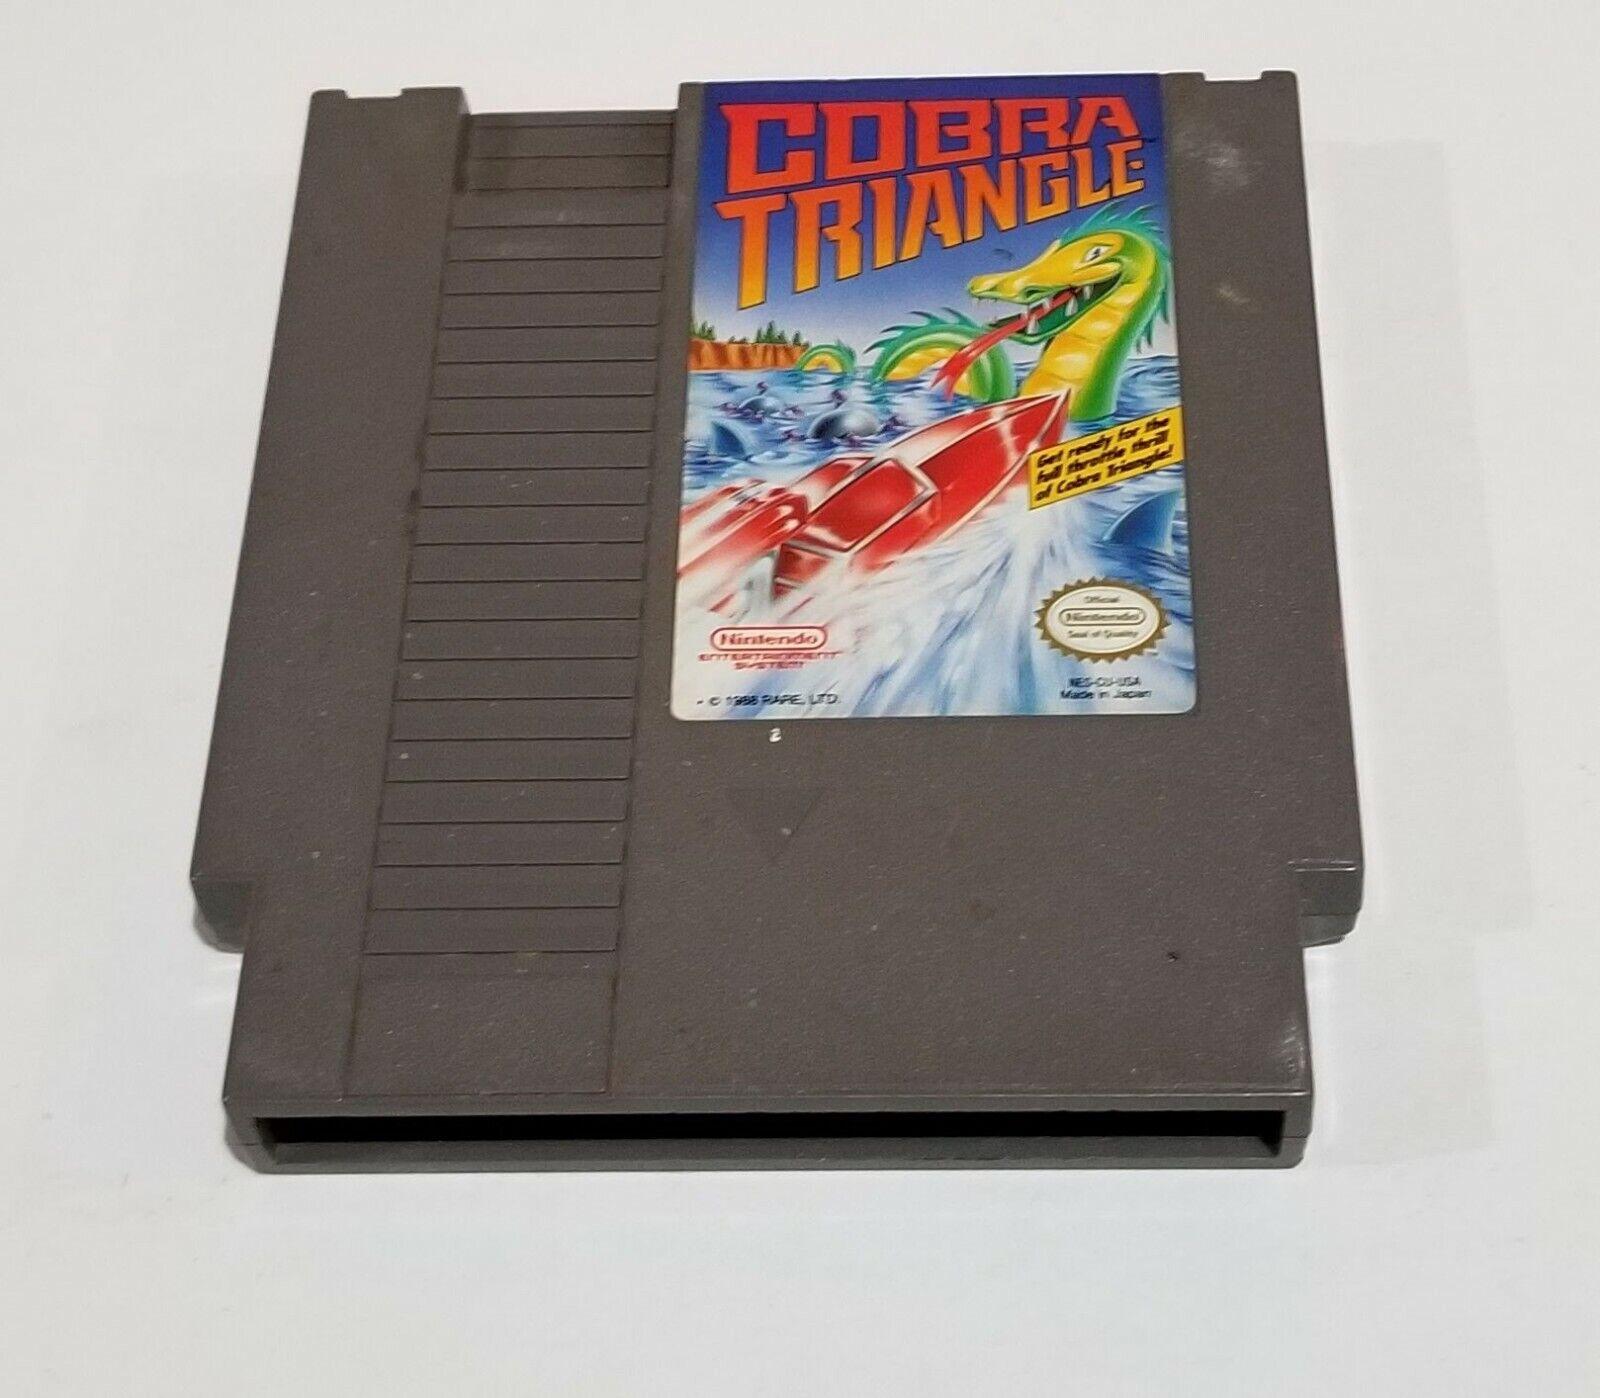 Cobra Triangle Nintendo Entertainment System, 1989  - $1.99